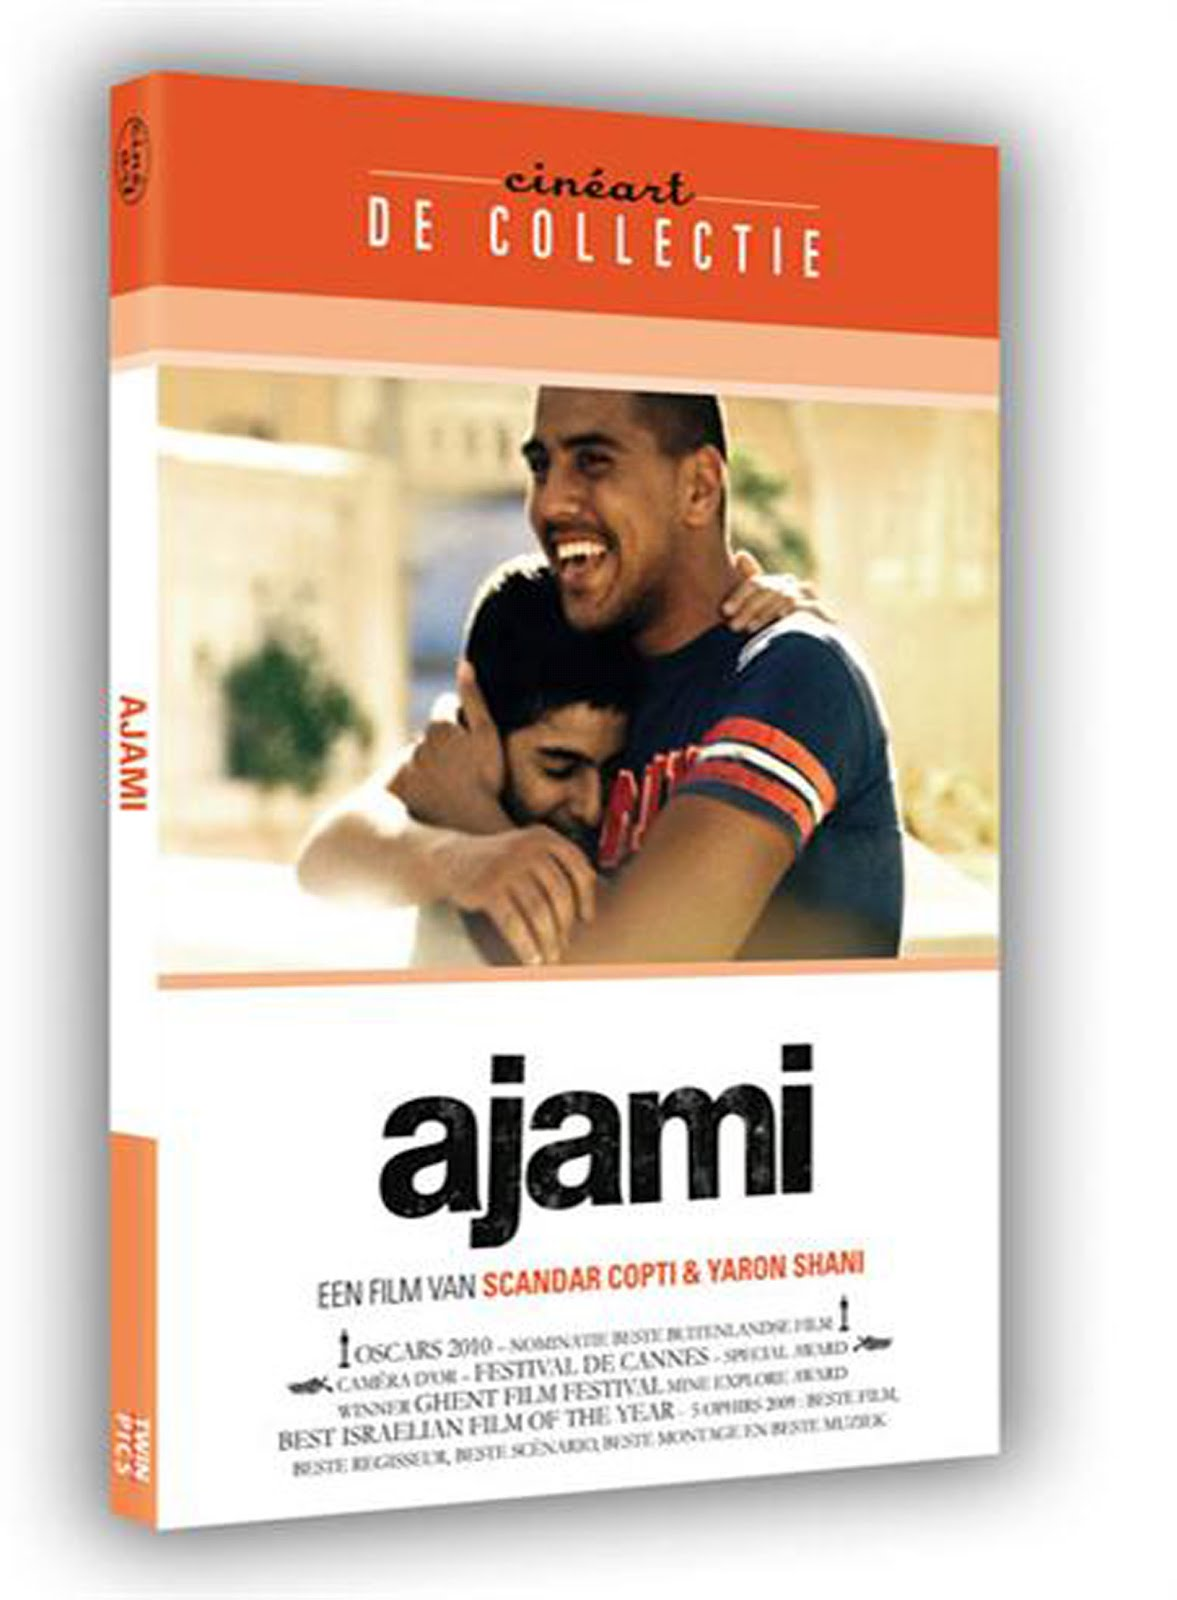 Ajami Dvd Case Box